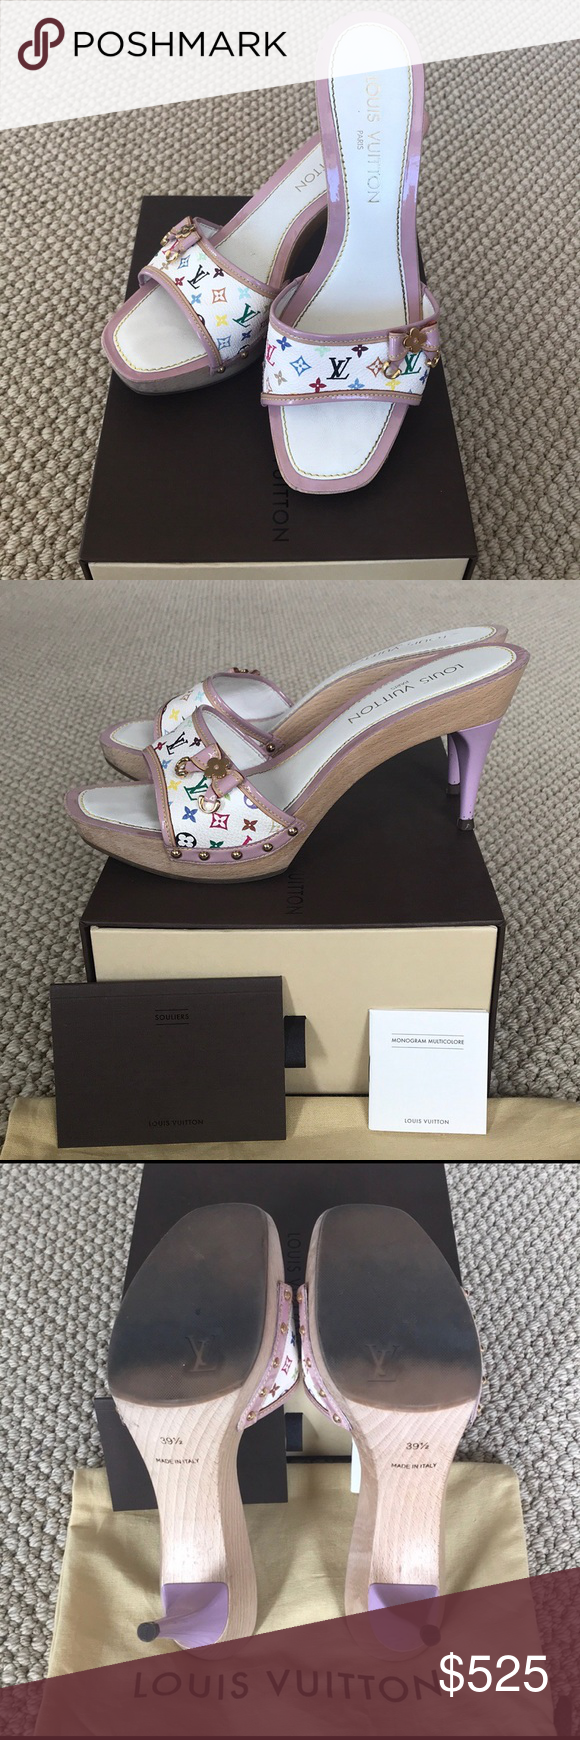 Authentic Louis Vuitton Multicolor Sandal Gorgeous limited ...